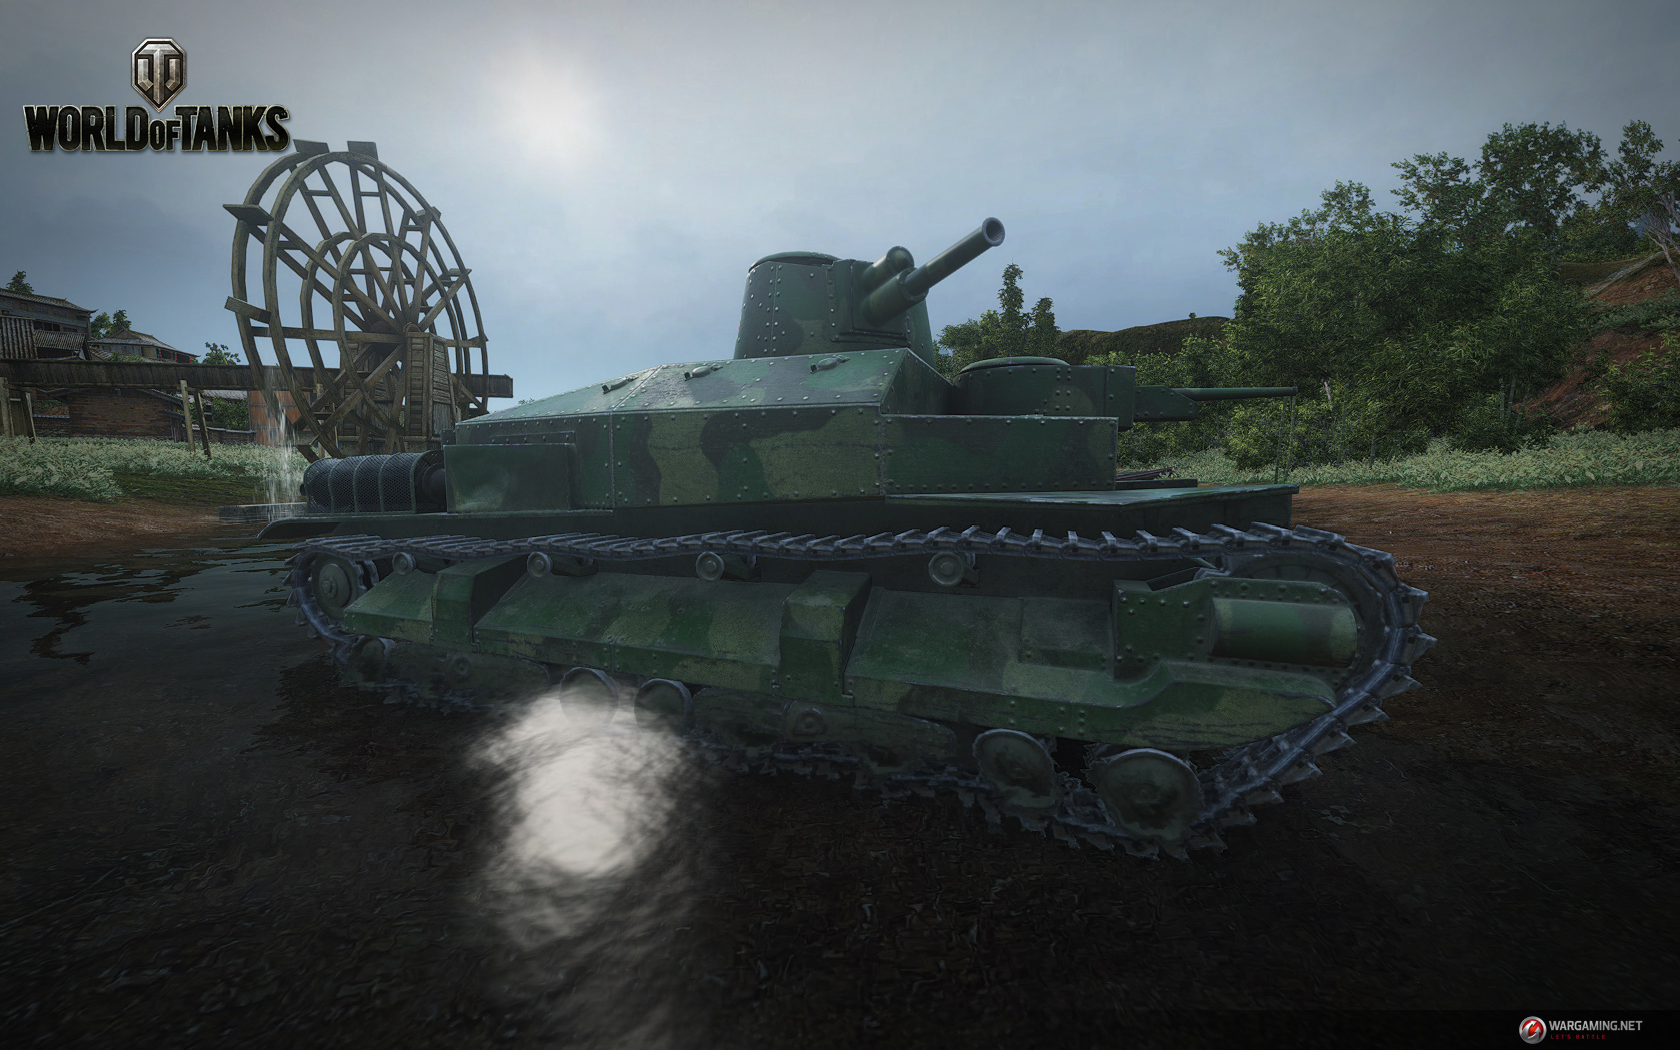 拡大画像 インタビュー world of tanks 9 10アップデートで日本の